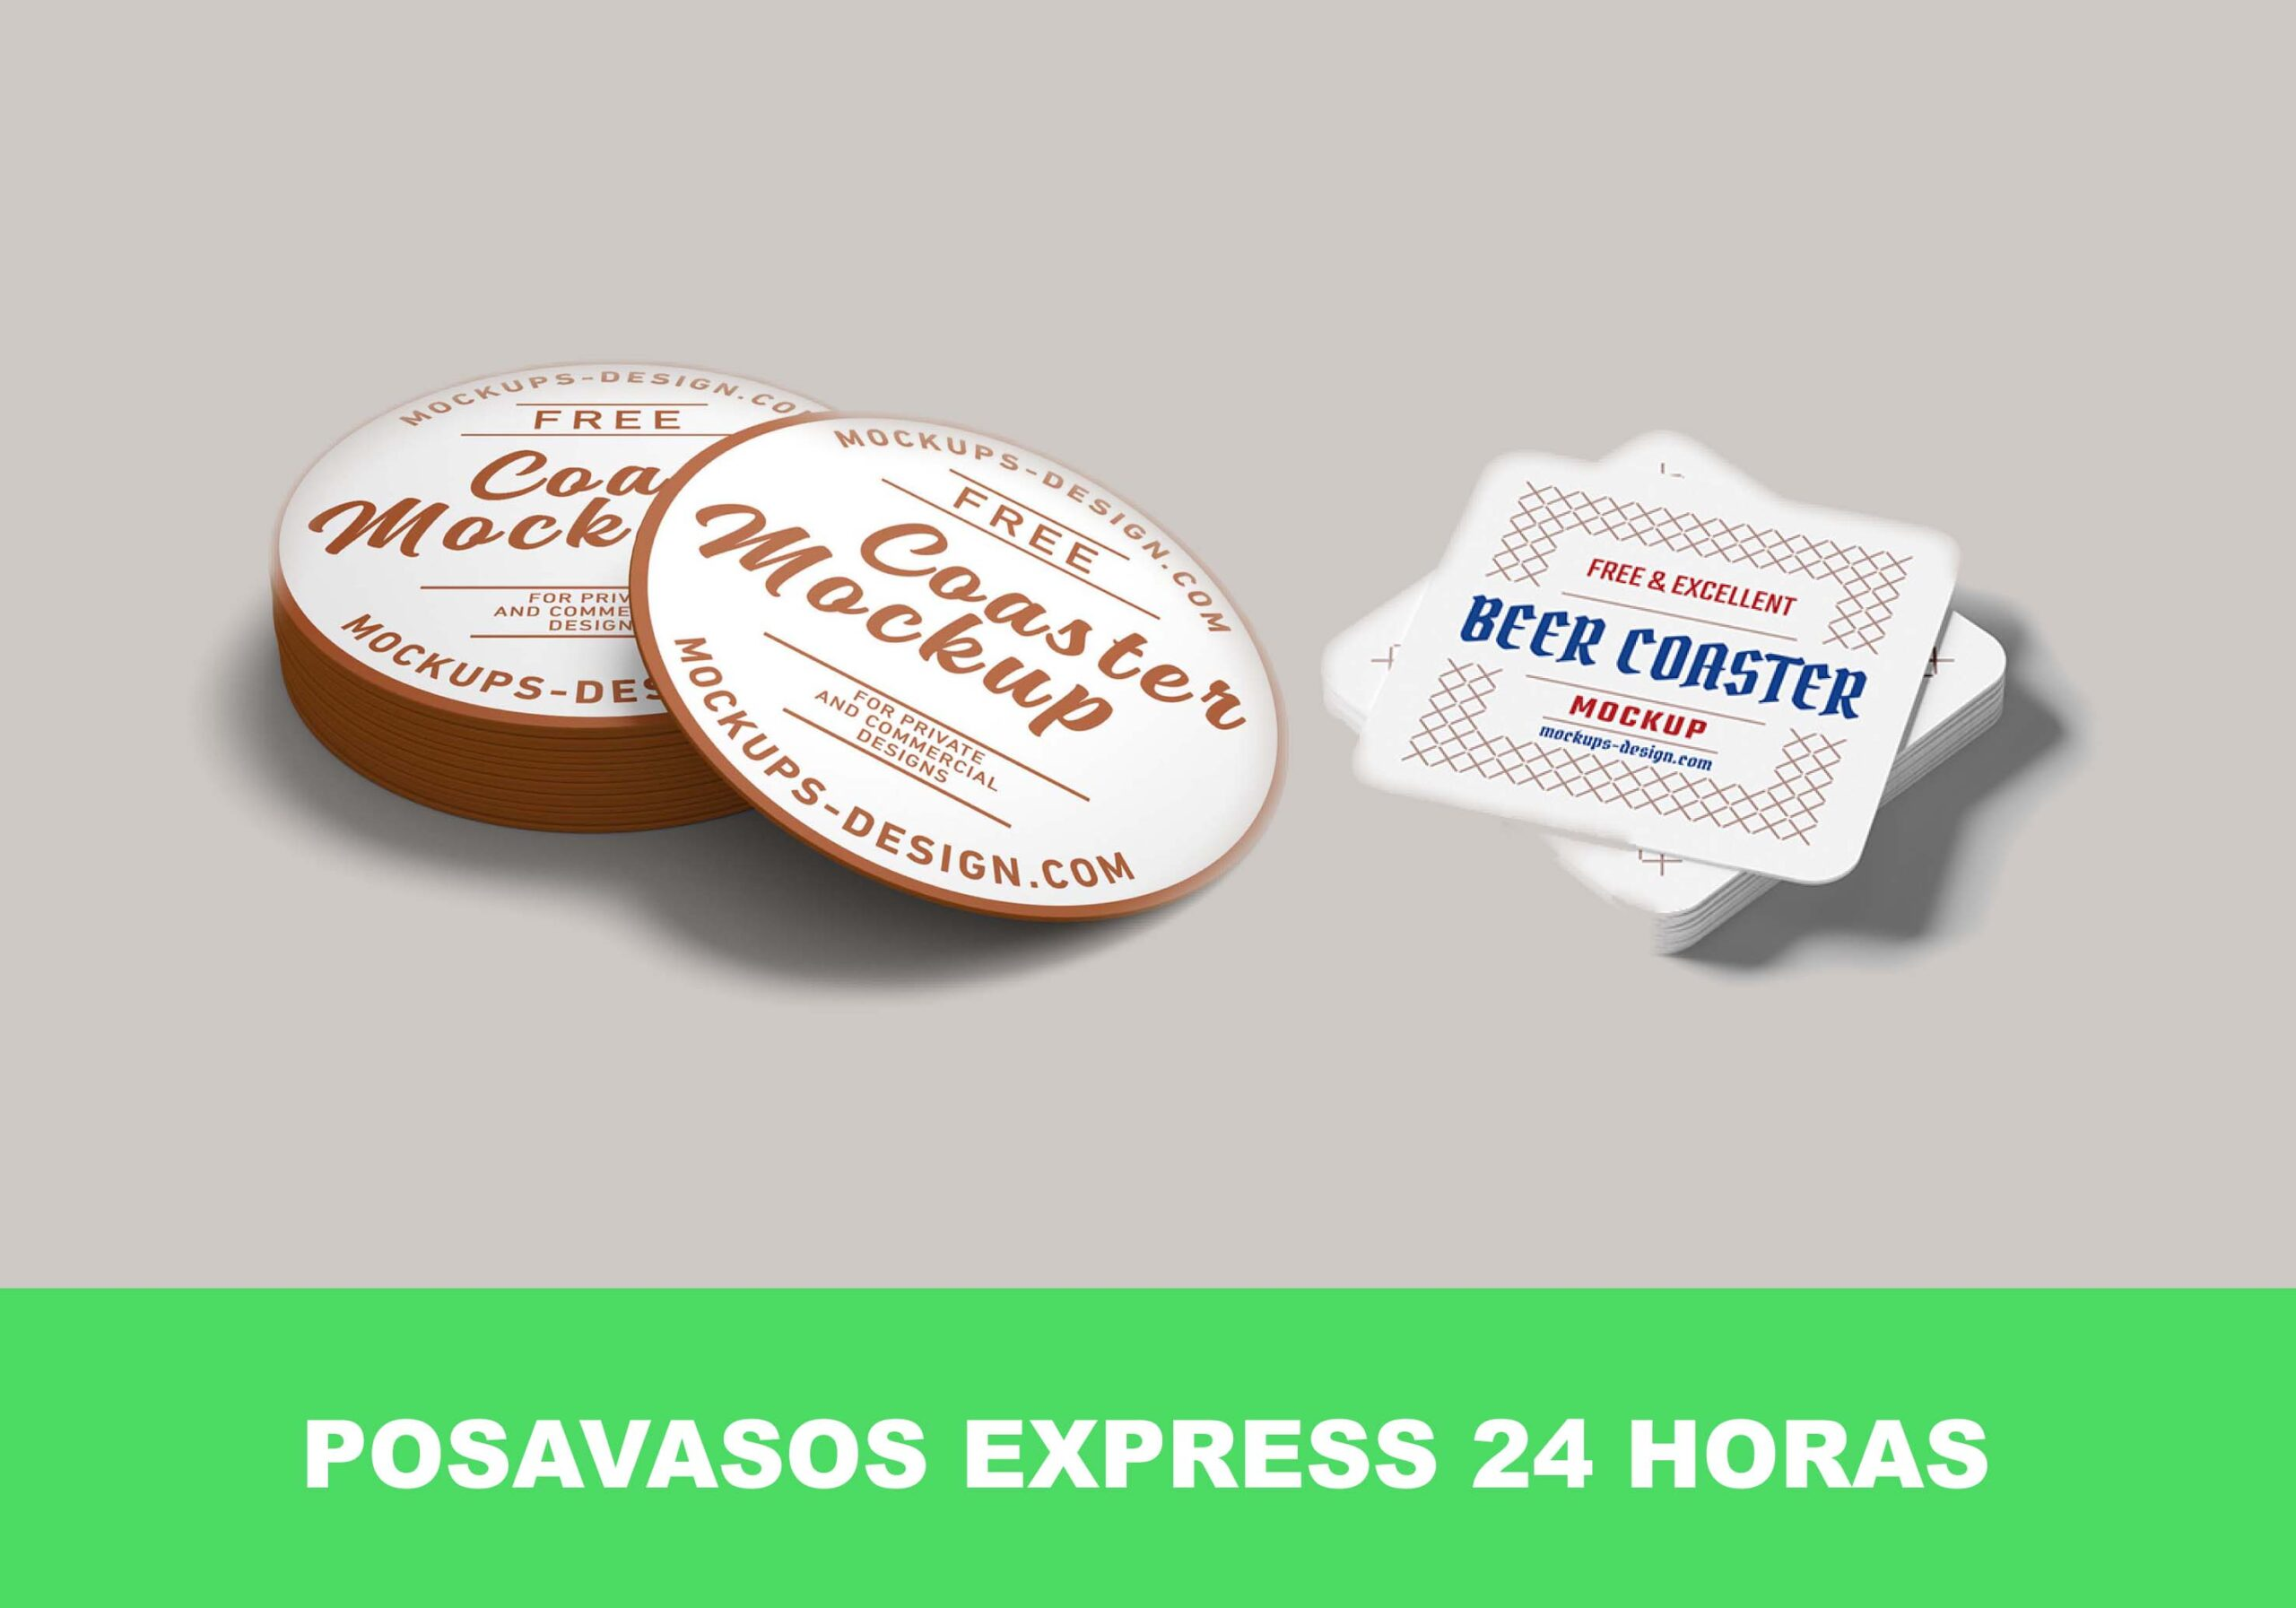 Posavasos de cartón express